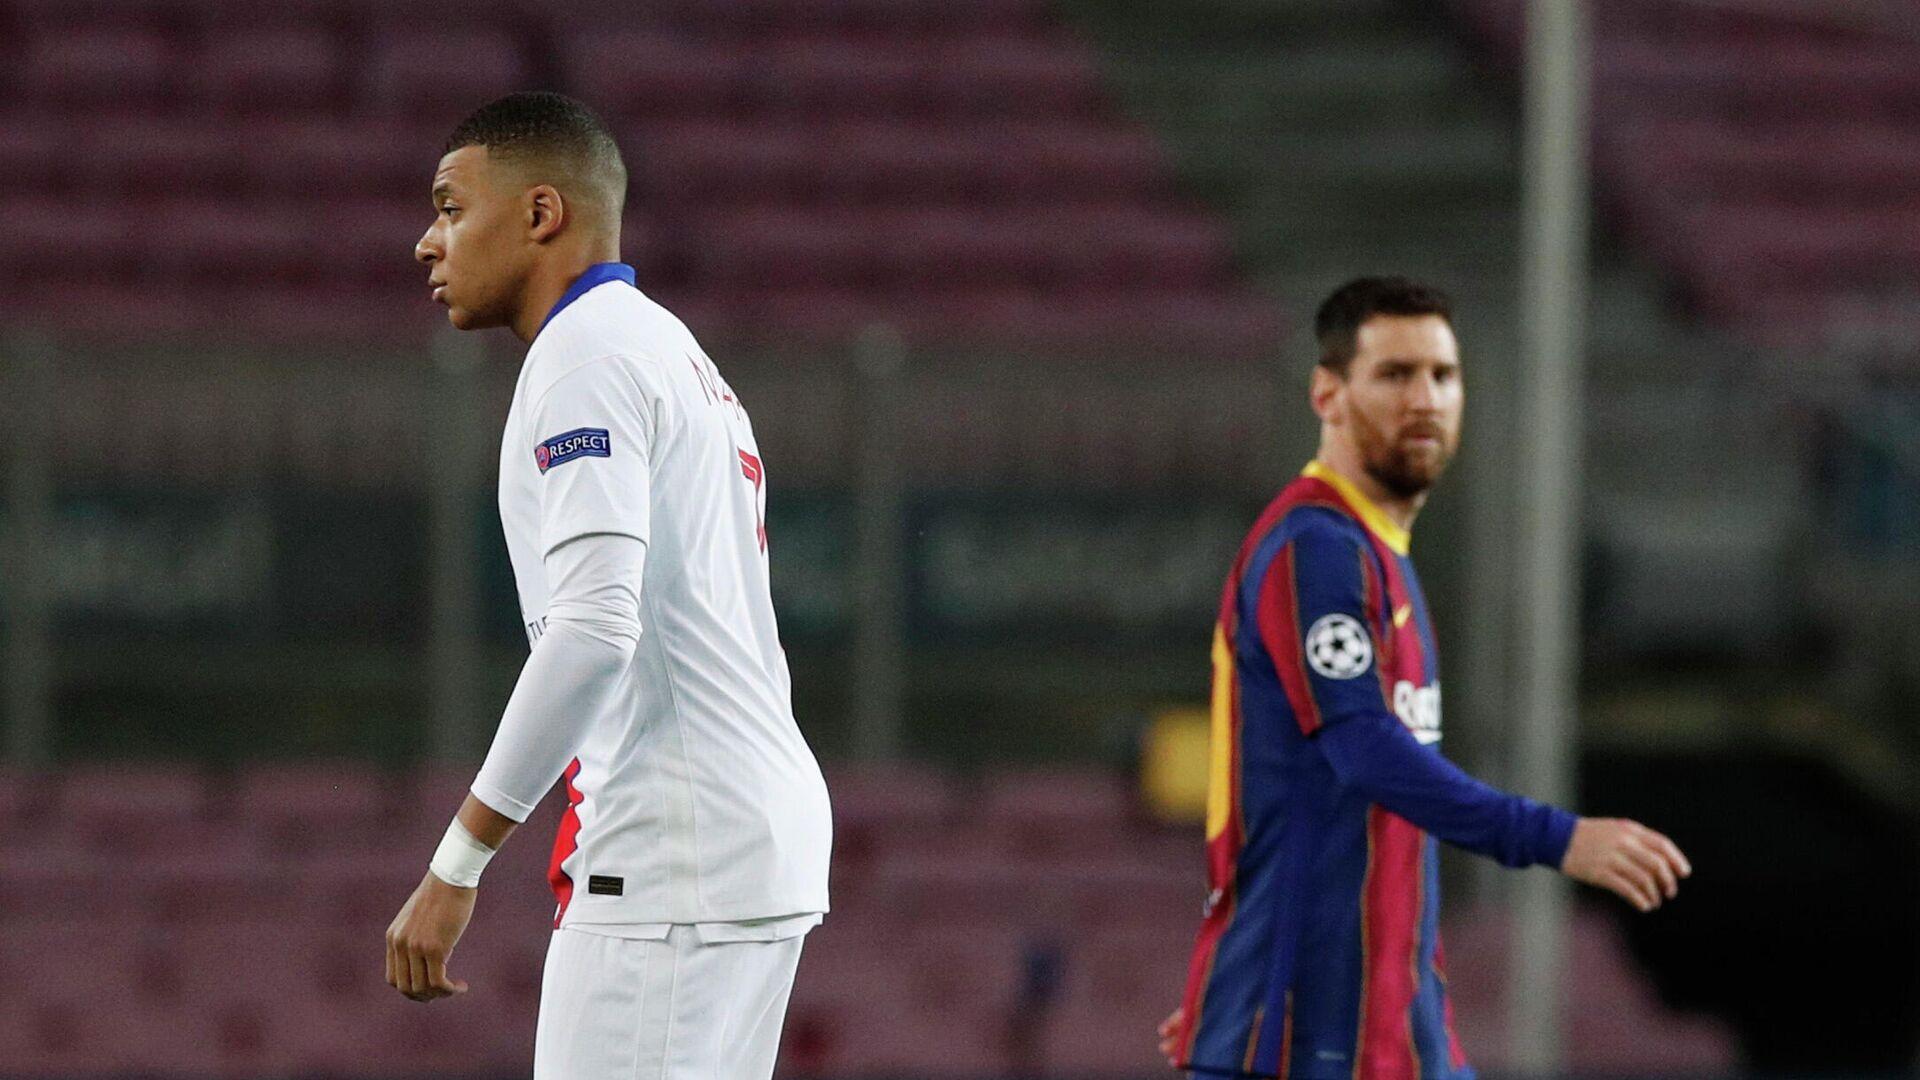 El delantero del Paris St Germain, Kylian Mbappé, y el delantero y capitán del FC Barcelona, Lionel Messi - Sputnik Mundo, 1920, 17.02.2021